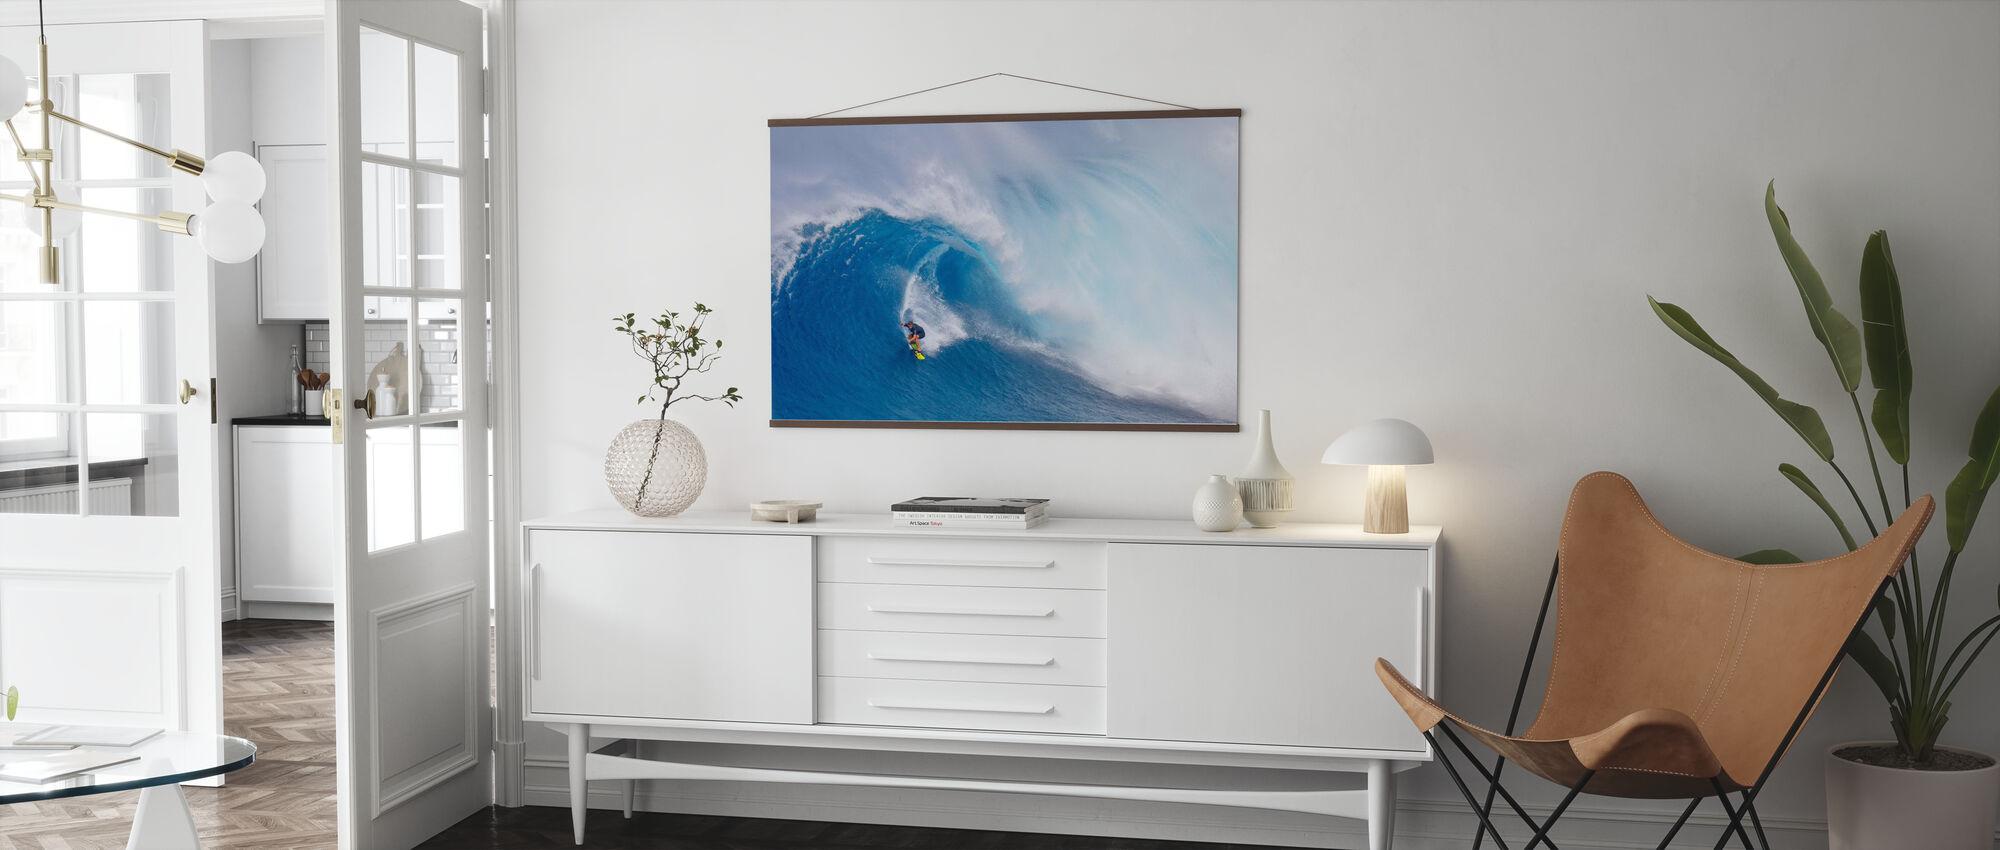 Surfbacken - Poster - Wohnzimmer